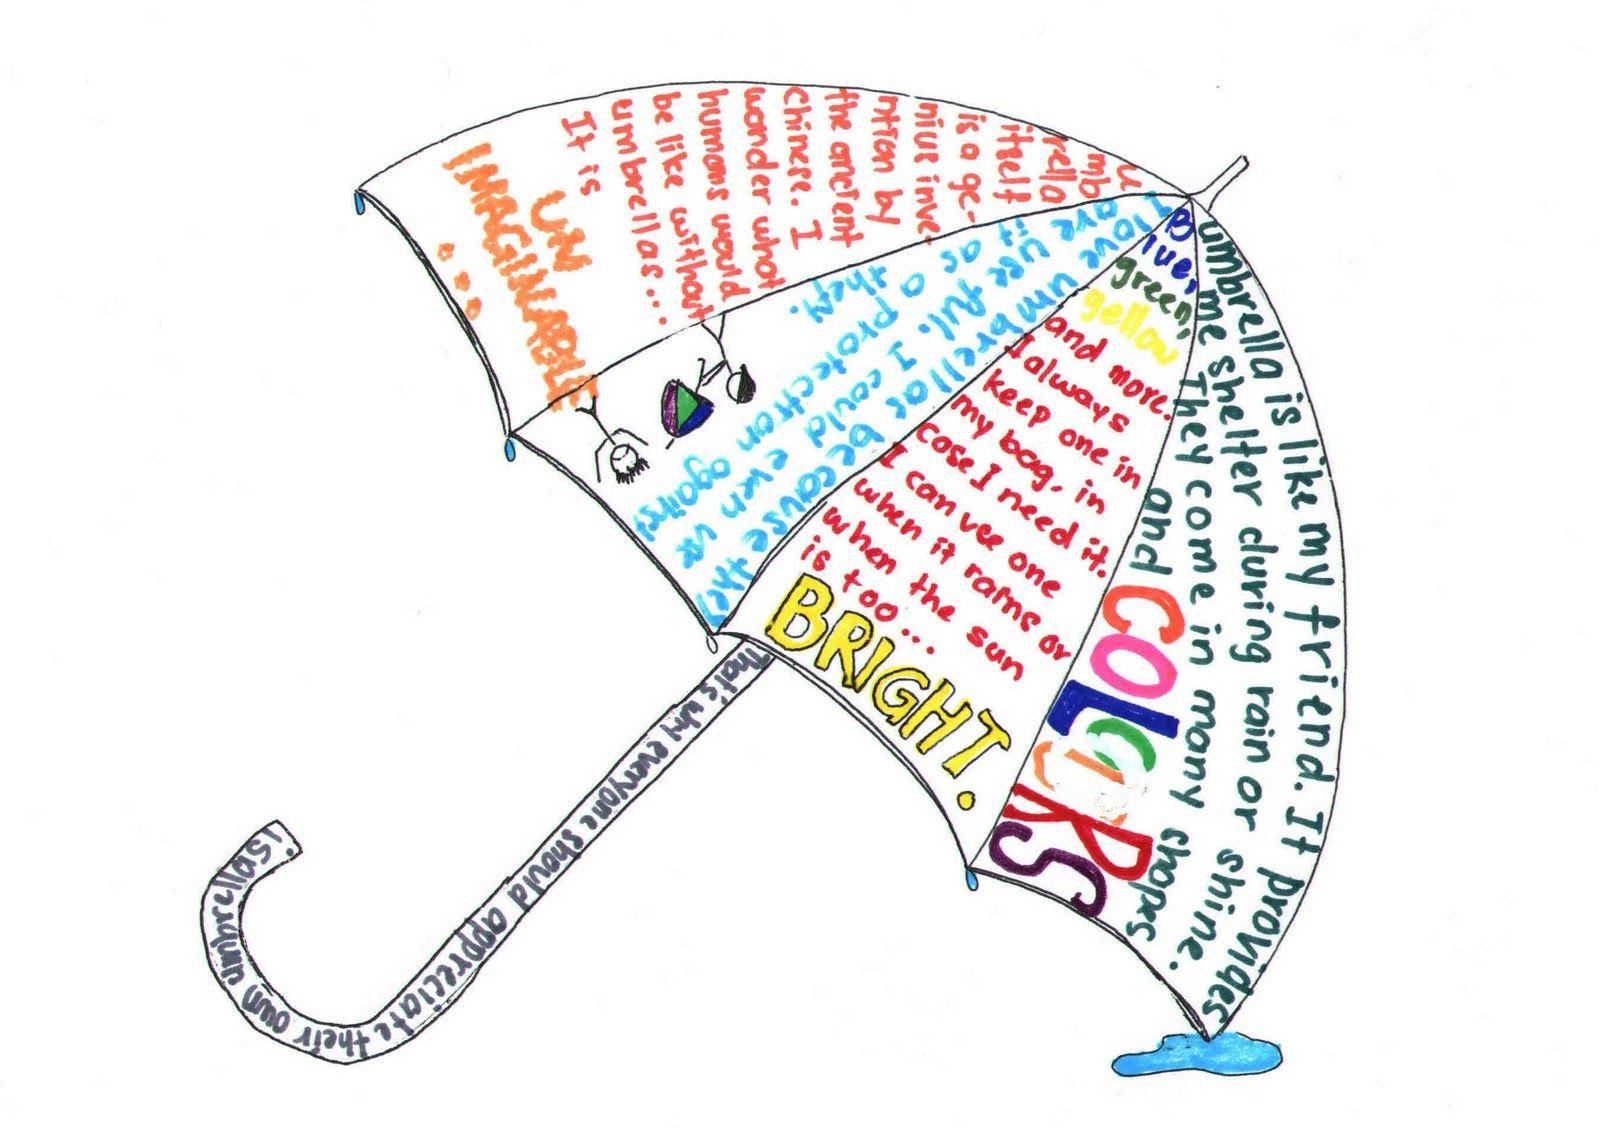 poetry templates bel 120 39 s blog shape poem teacher resources pinterest shape poems. Black Bedroom Furniture Sets. Home Design Ideas